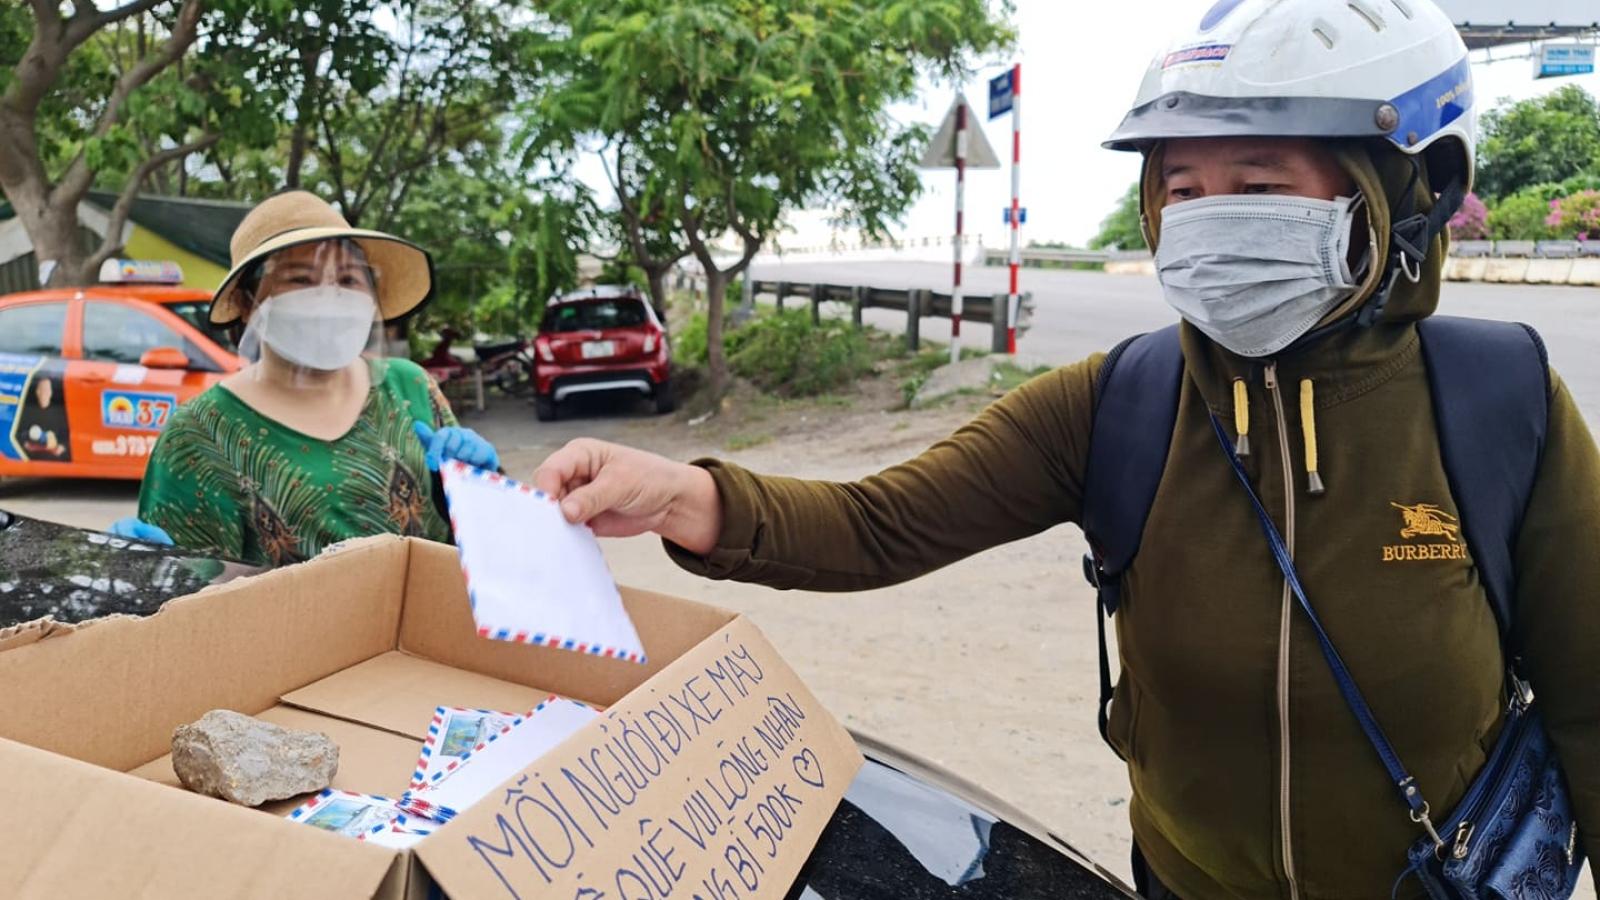 Người phụ nữ chờ đến 12h đêm để hỗ trợ người dân từ các tỉnh phía Nam về quê